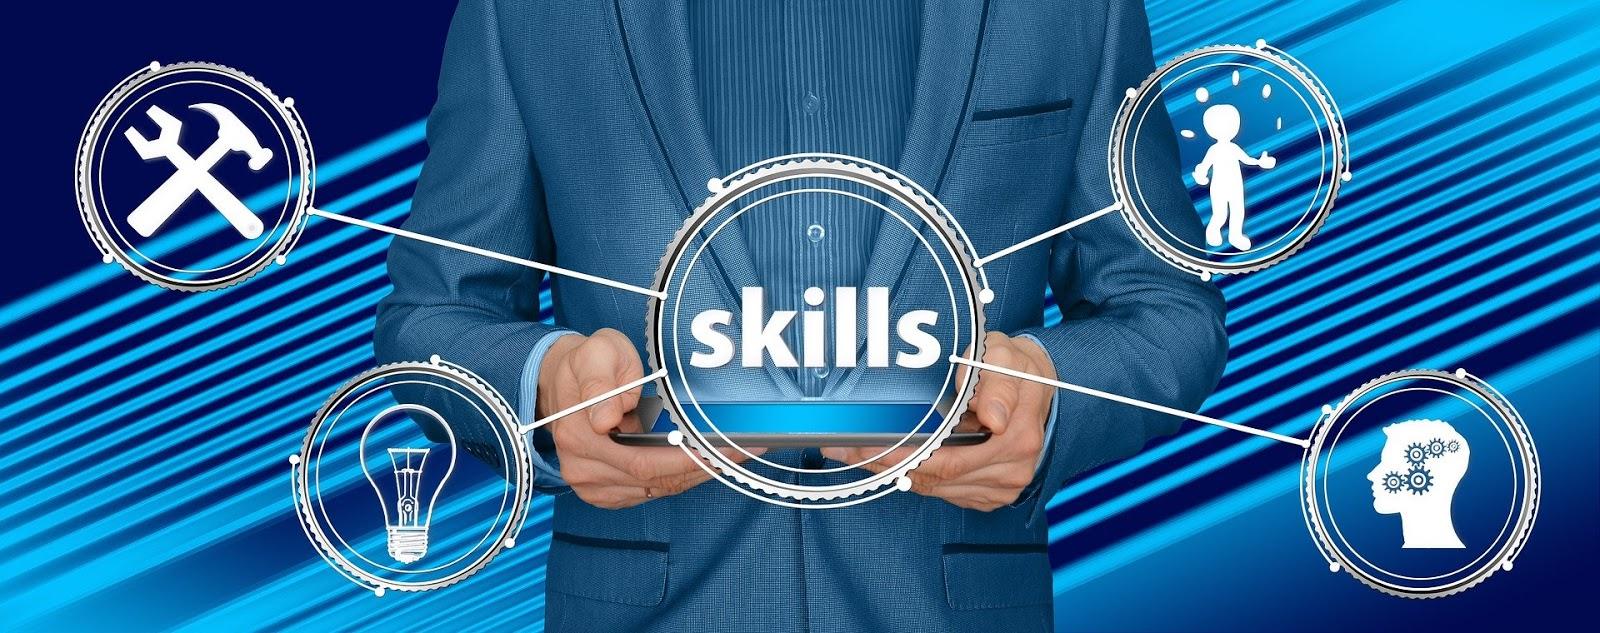 Skills mind-map